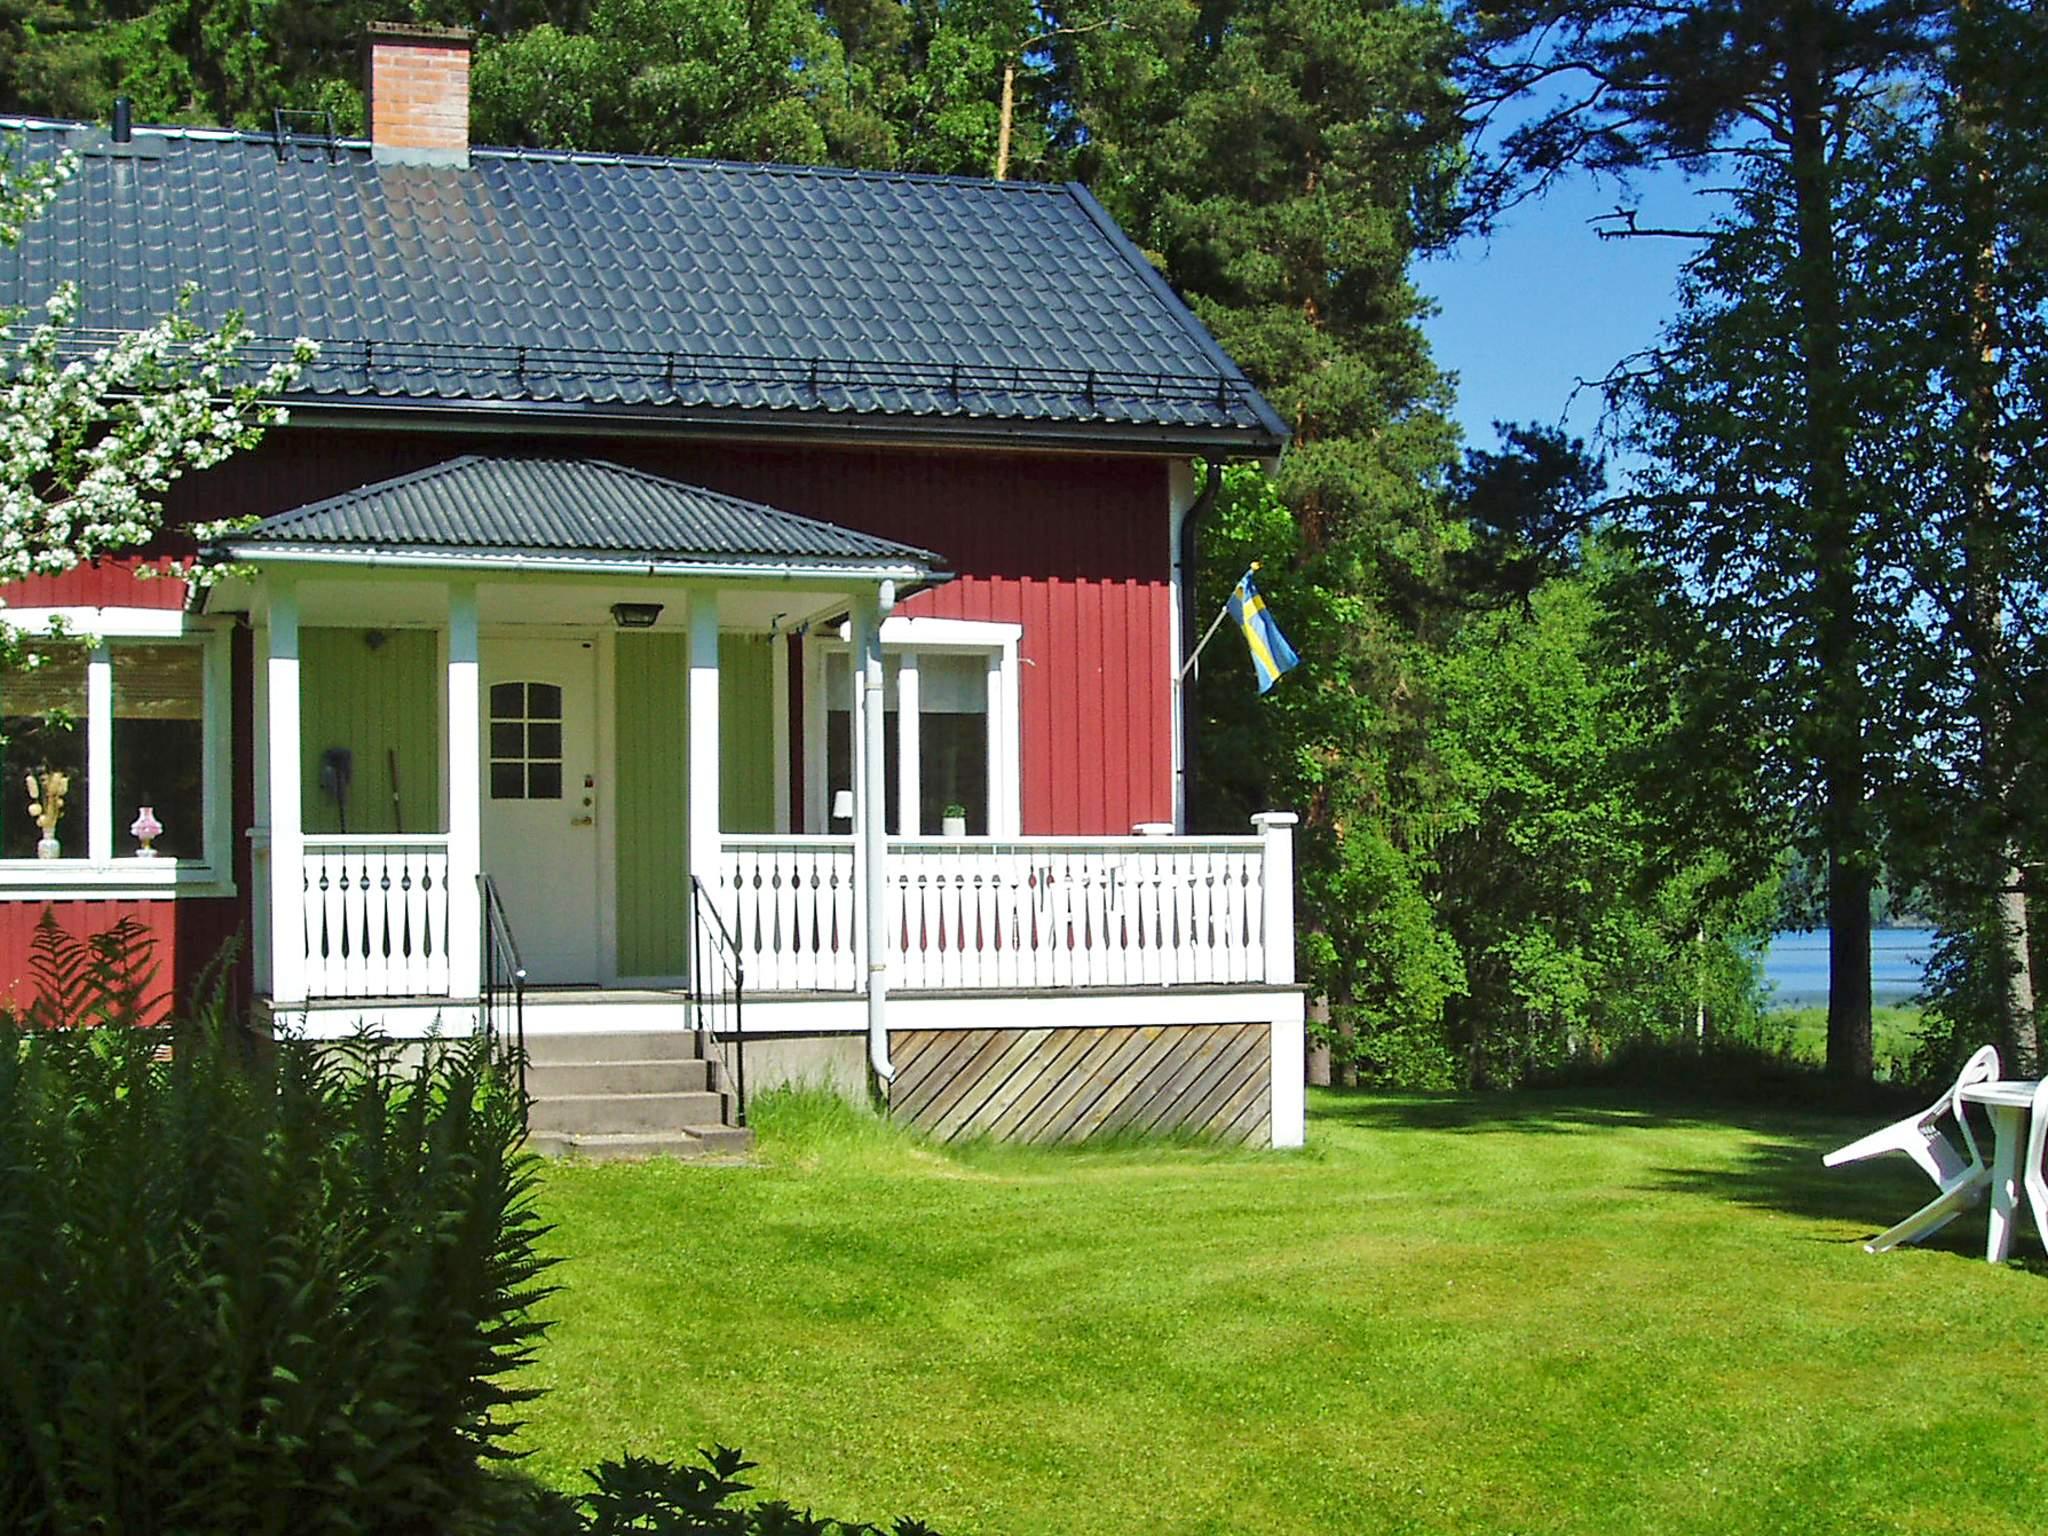 Ferienhaus Arvika (689475), Arvika, Värmlands län, Mittelschweden, Schweden, Bild 1